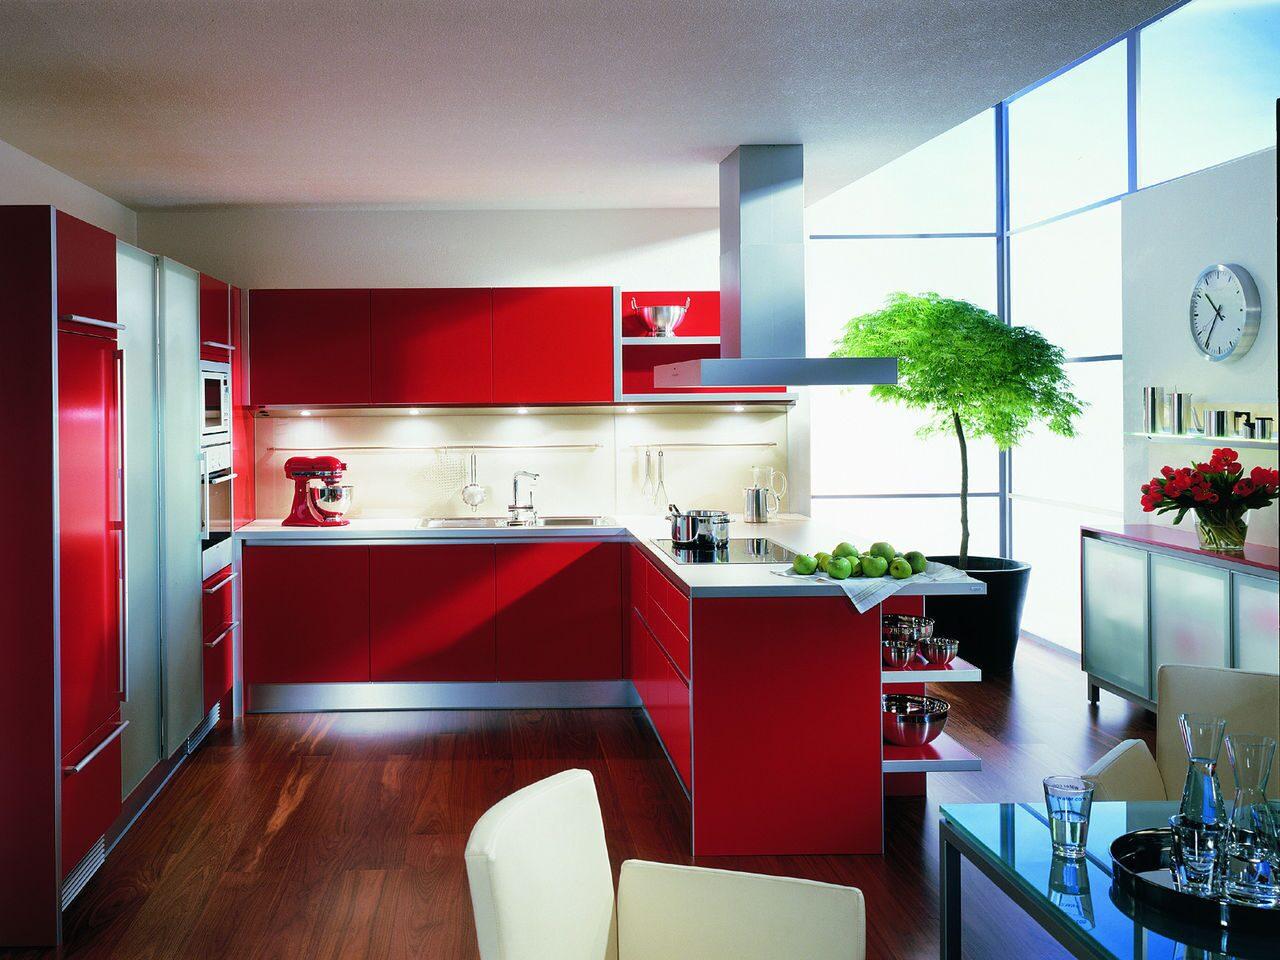 Фото красивого дизайна кухни